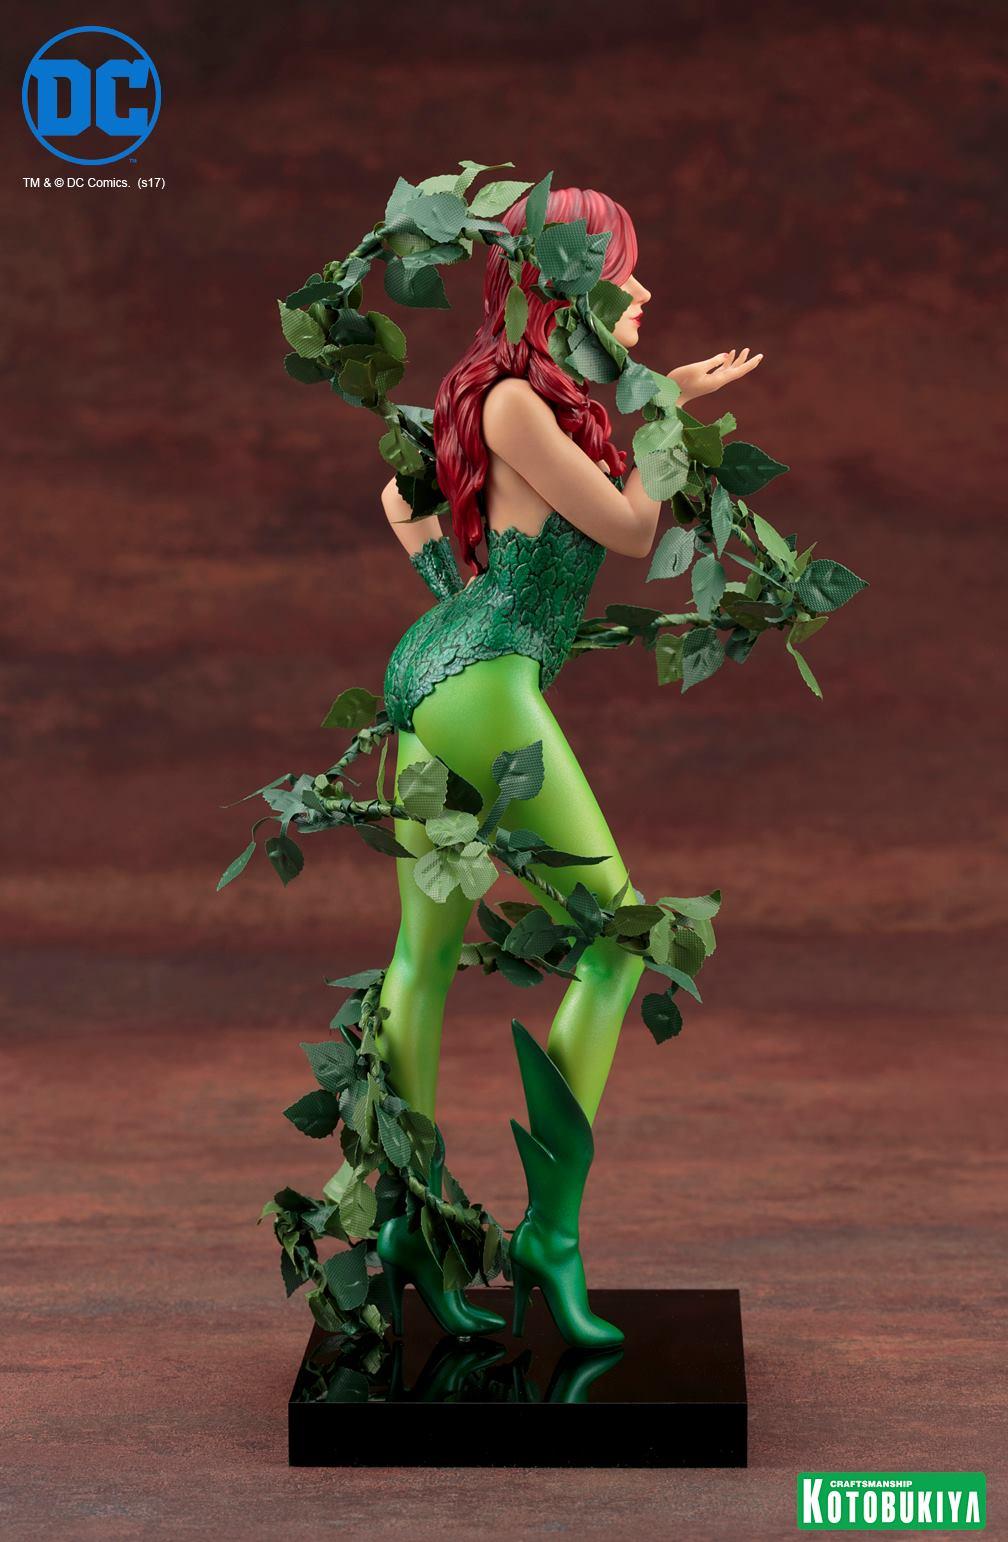 Kotobukiya-Artfx-Poison-Ivy-7 Figurine -  Poison Ivy par Kotobukiya (ArtFX)